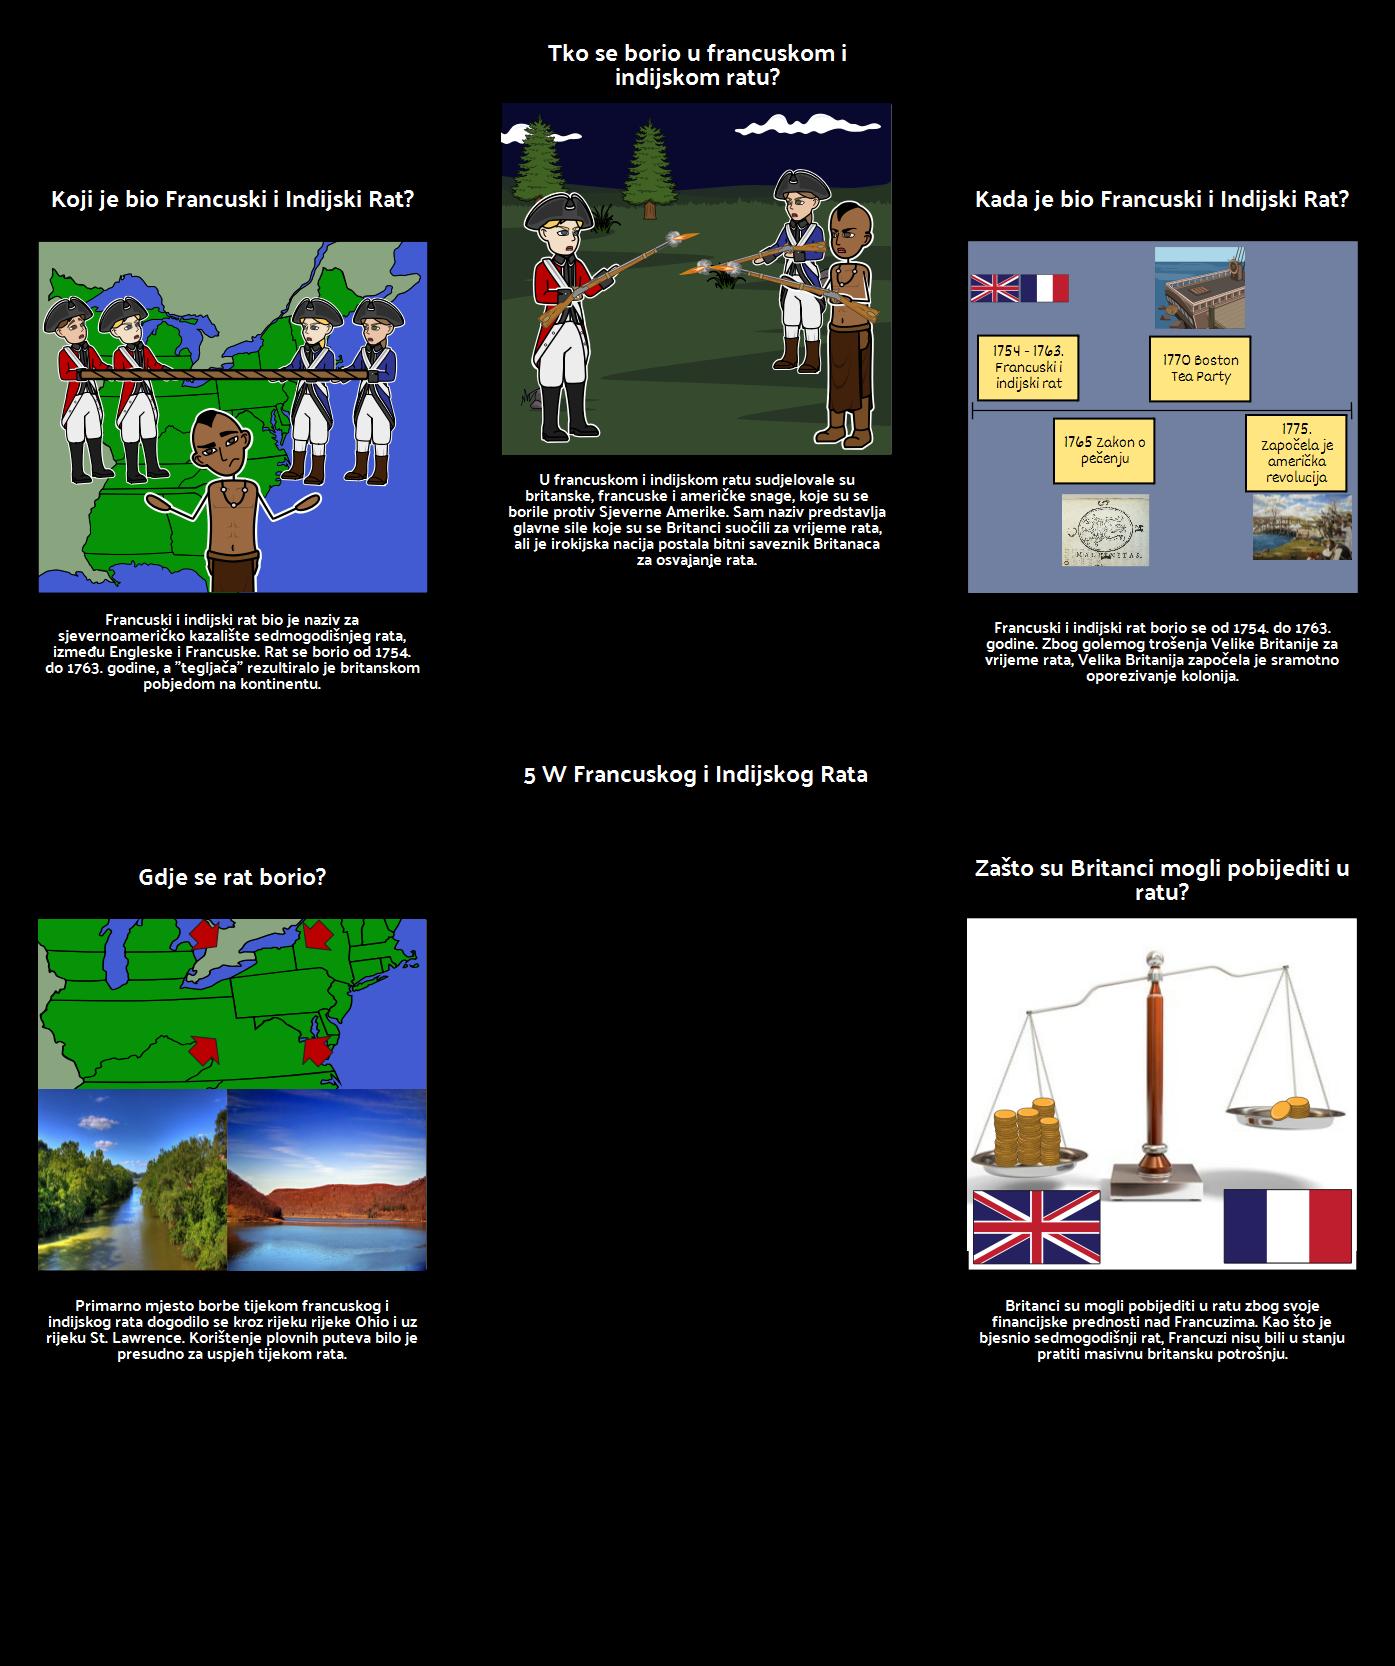 Francuski i Indijski rat 5 W